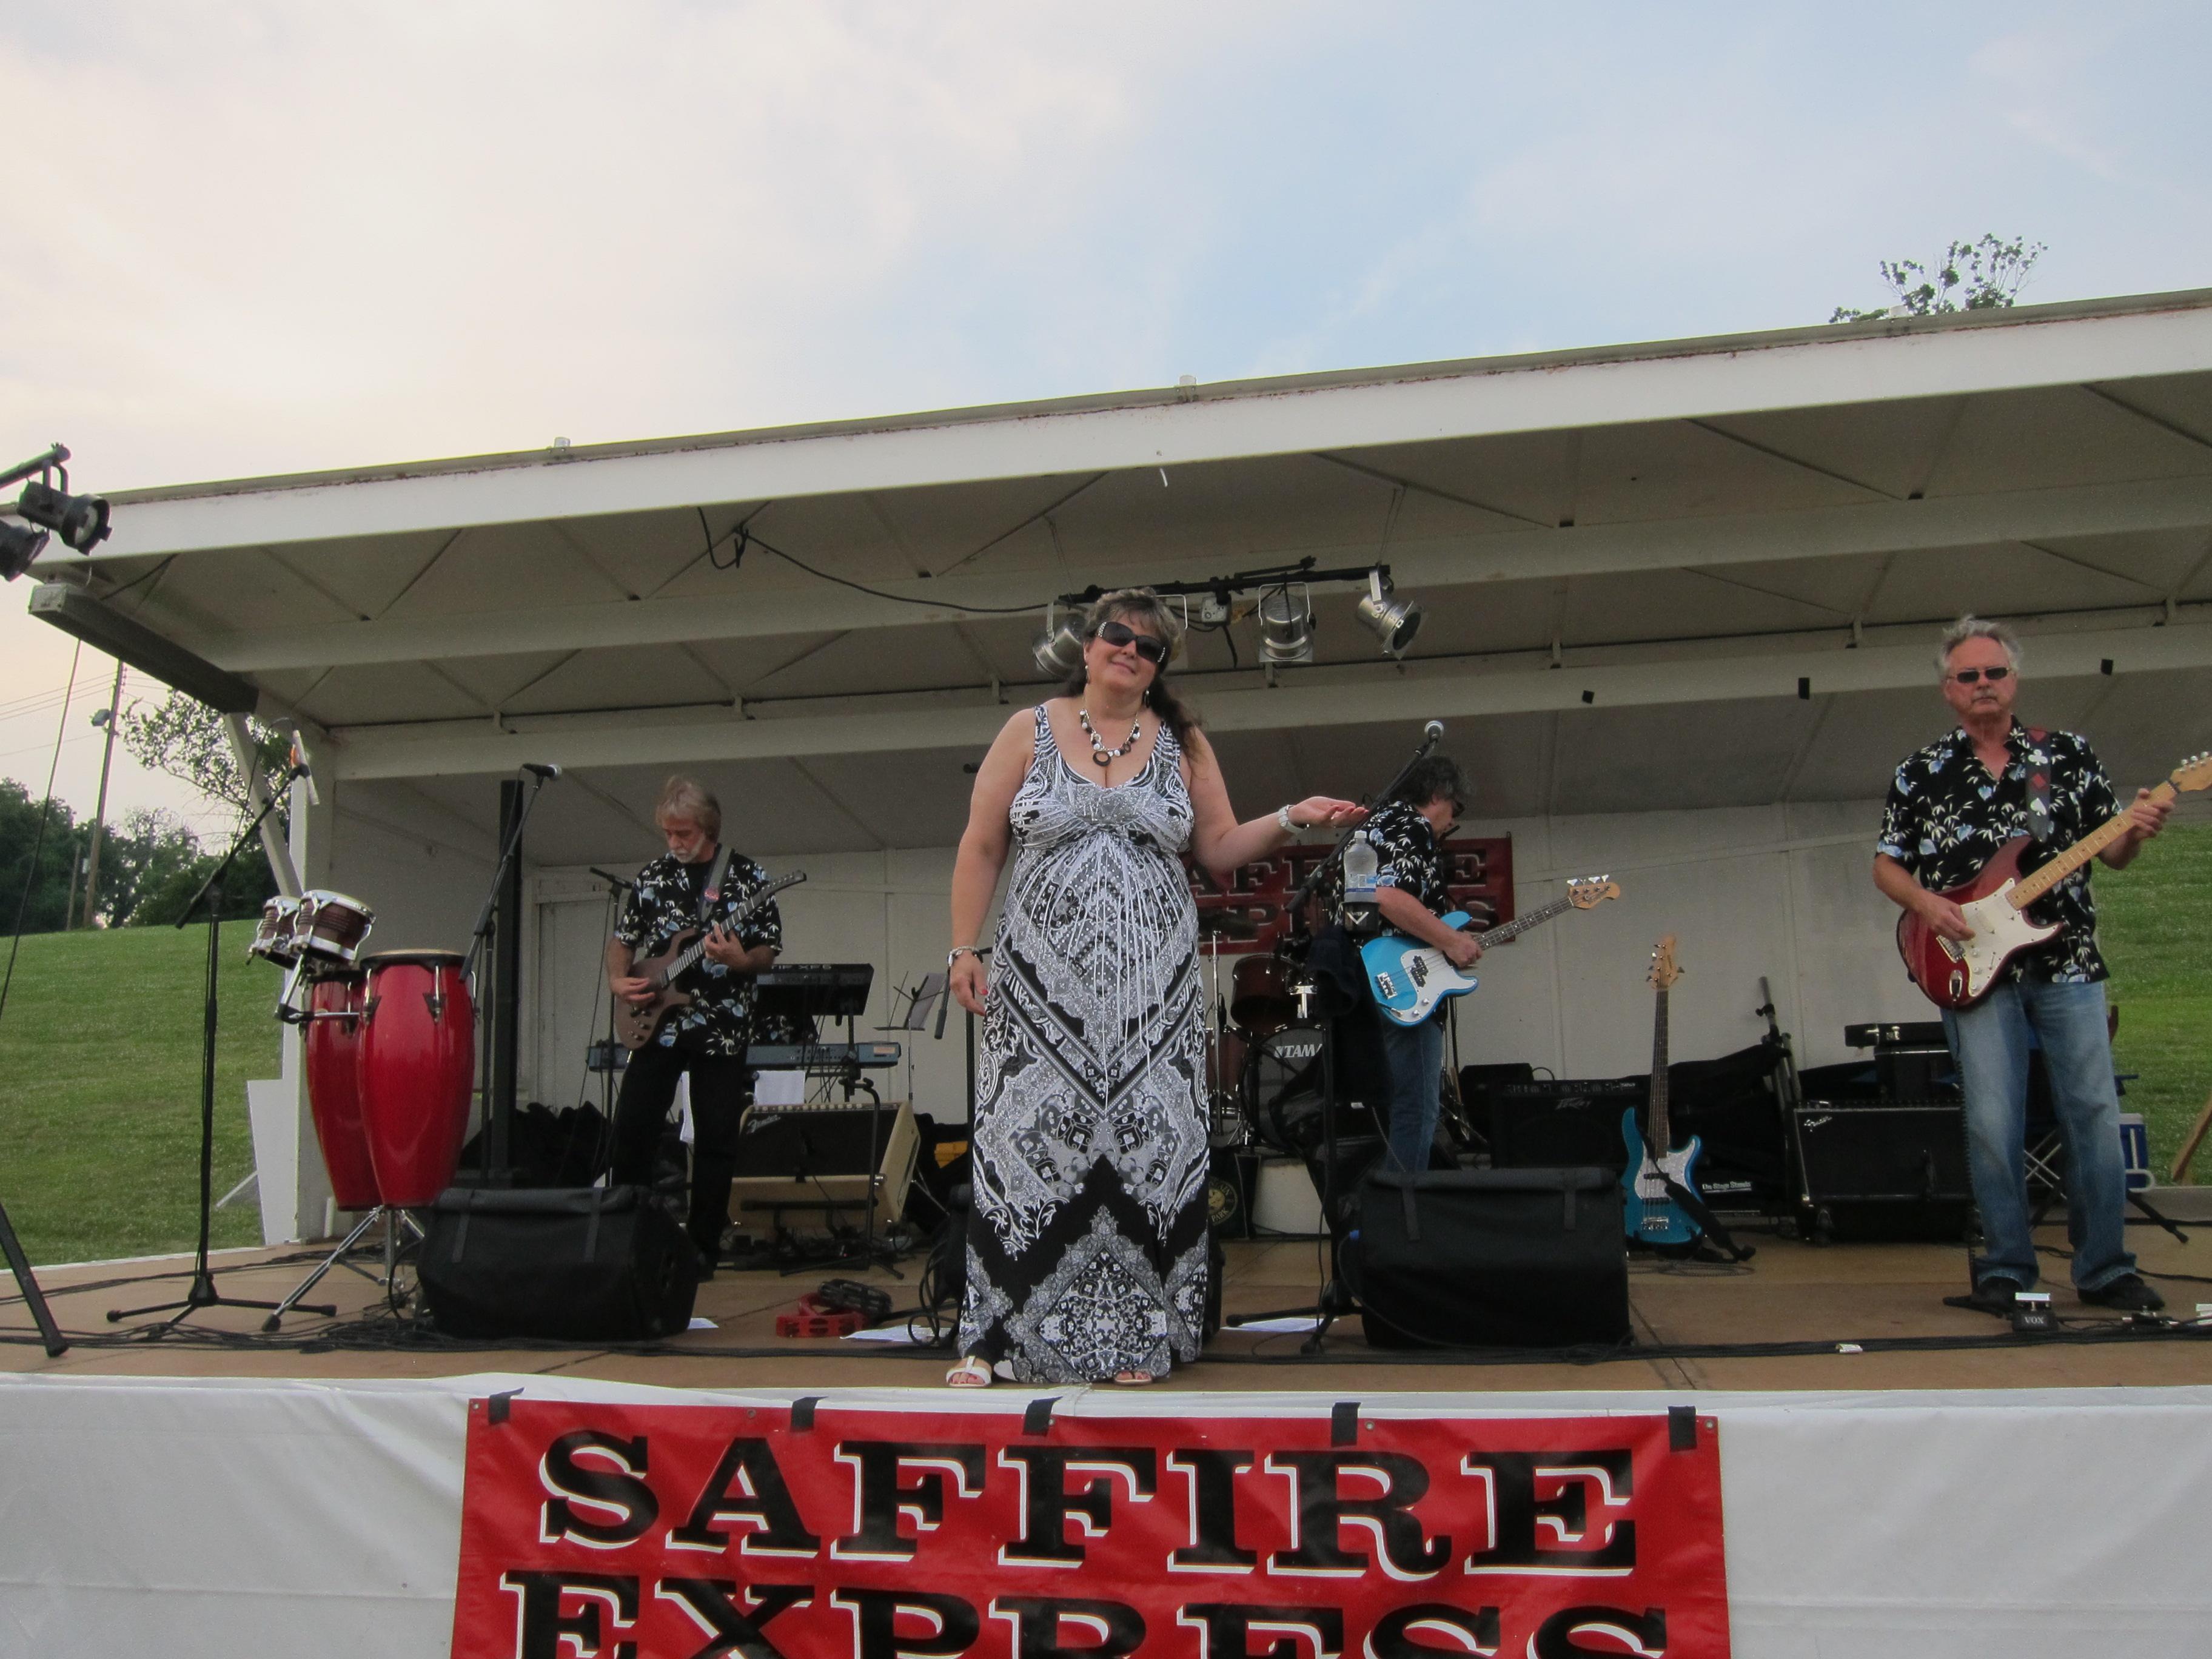 St. RitaFest 7-12-14